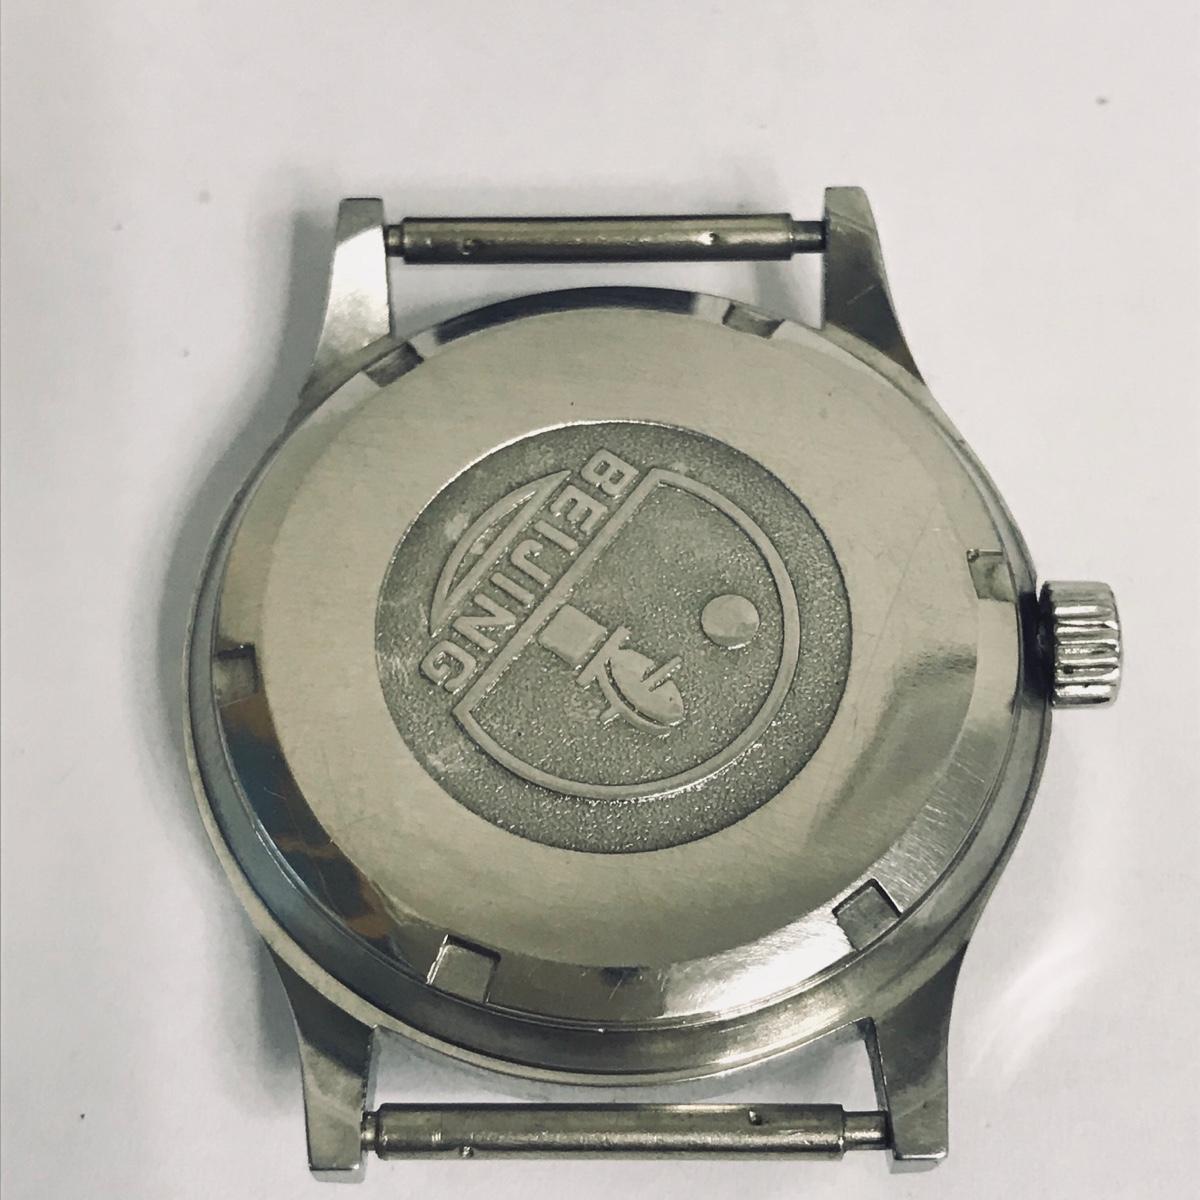 北京产燕山牌机械手表17钻怀旧复古董收藏库存正品男女士手动上弦